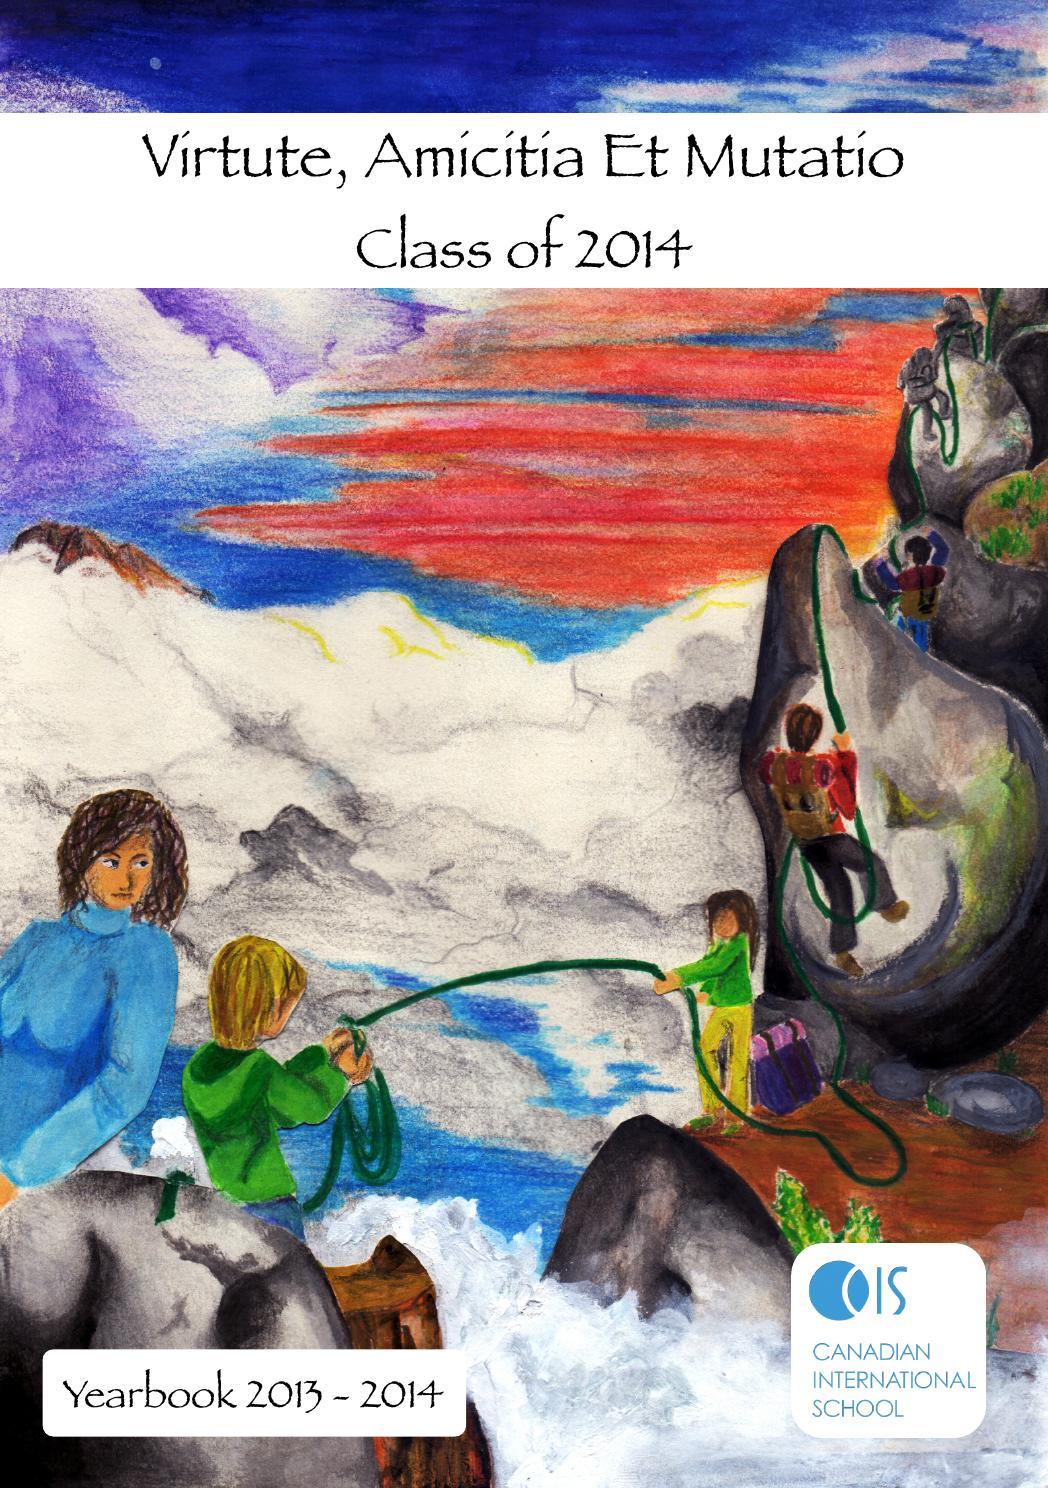 Canadian International School Ms hs year book 20 by madhukar sv ...